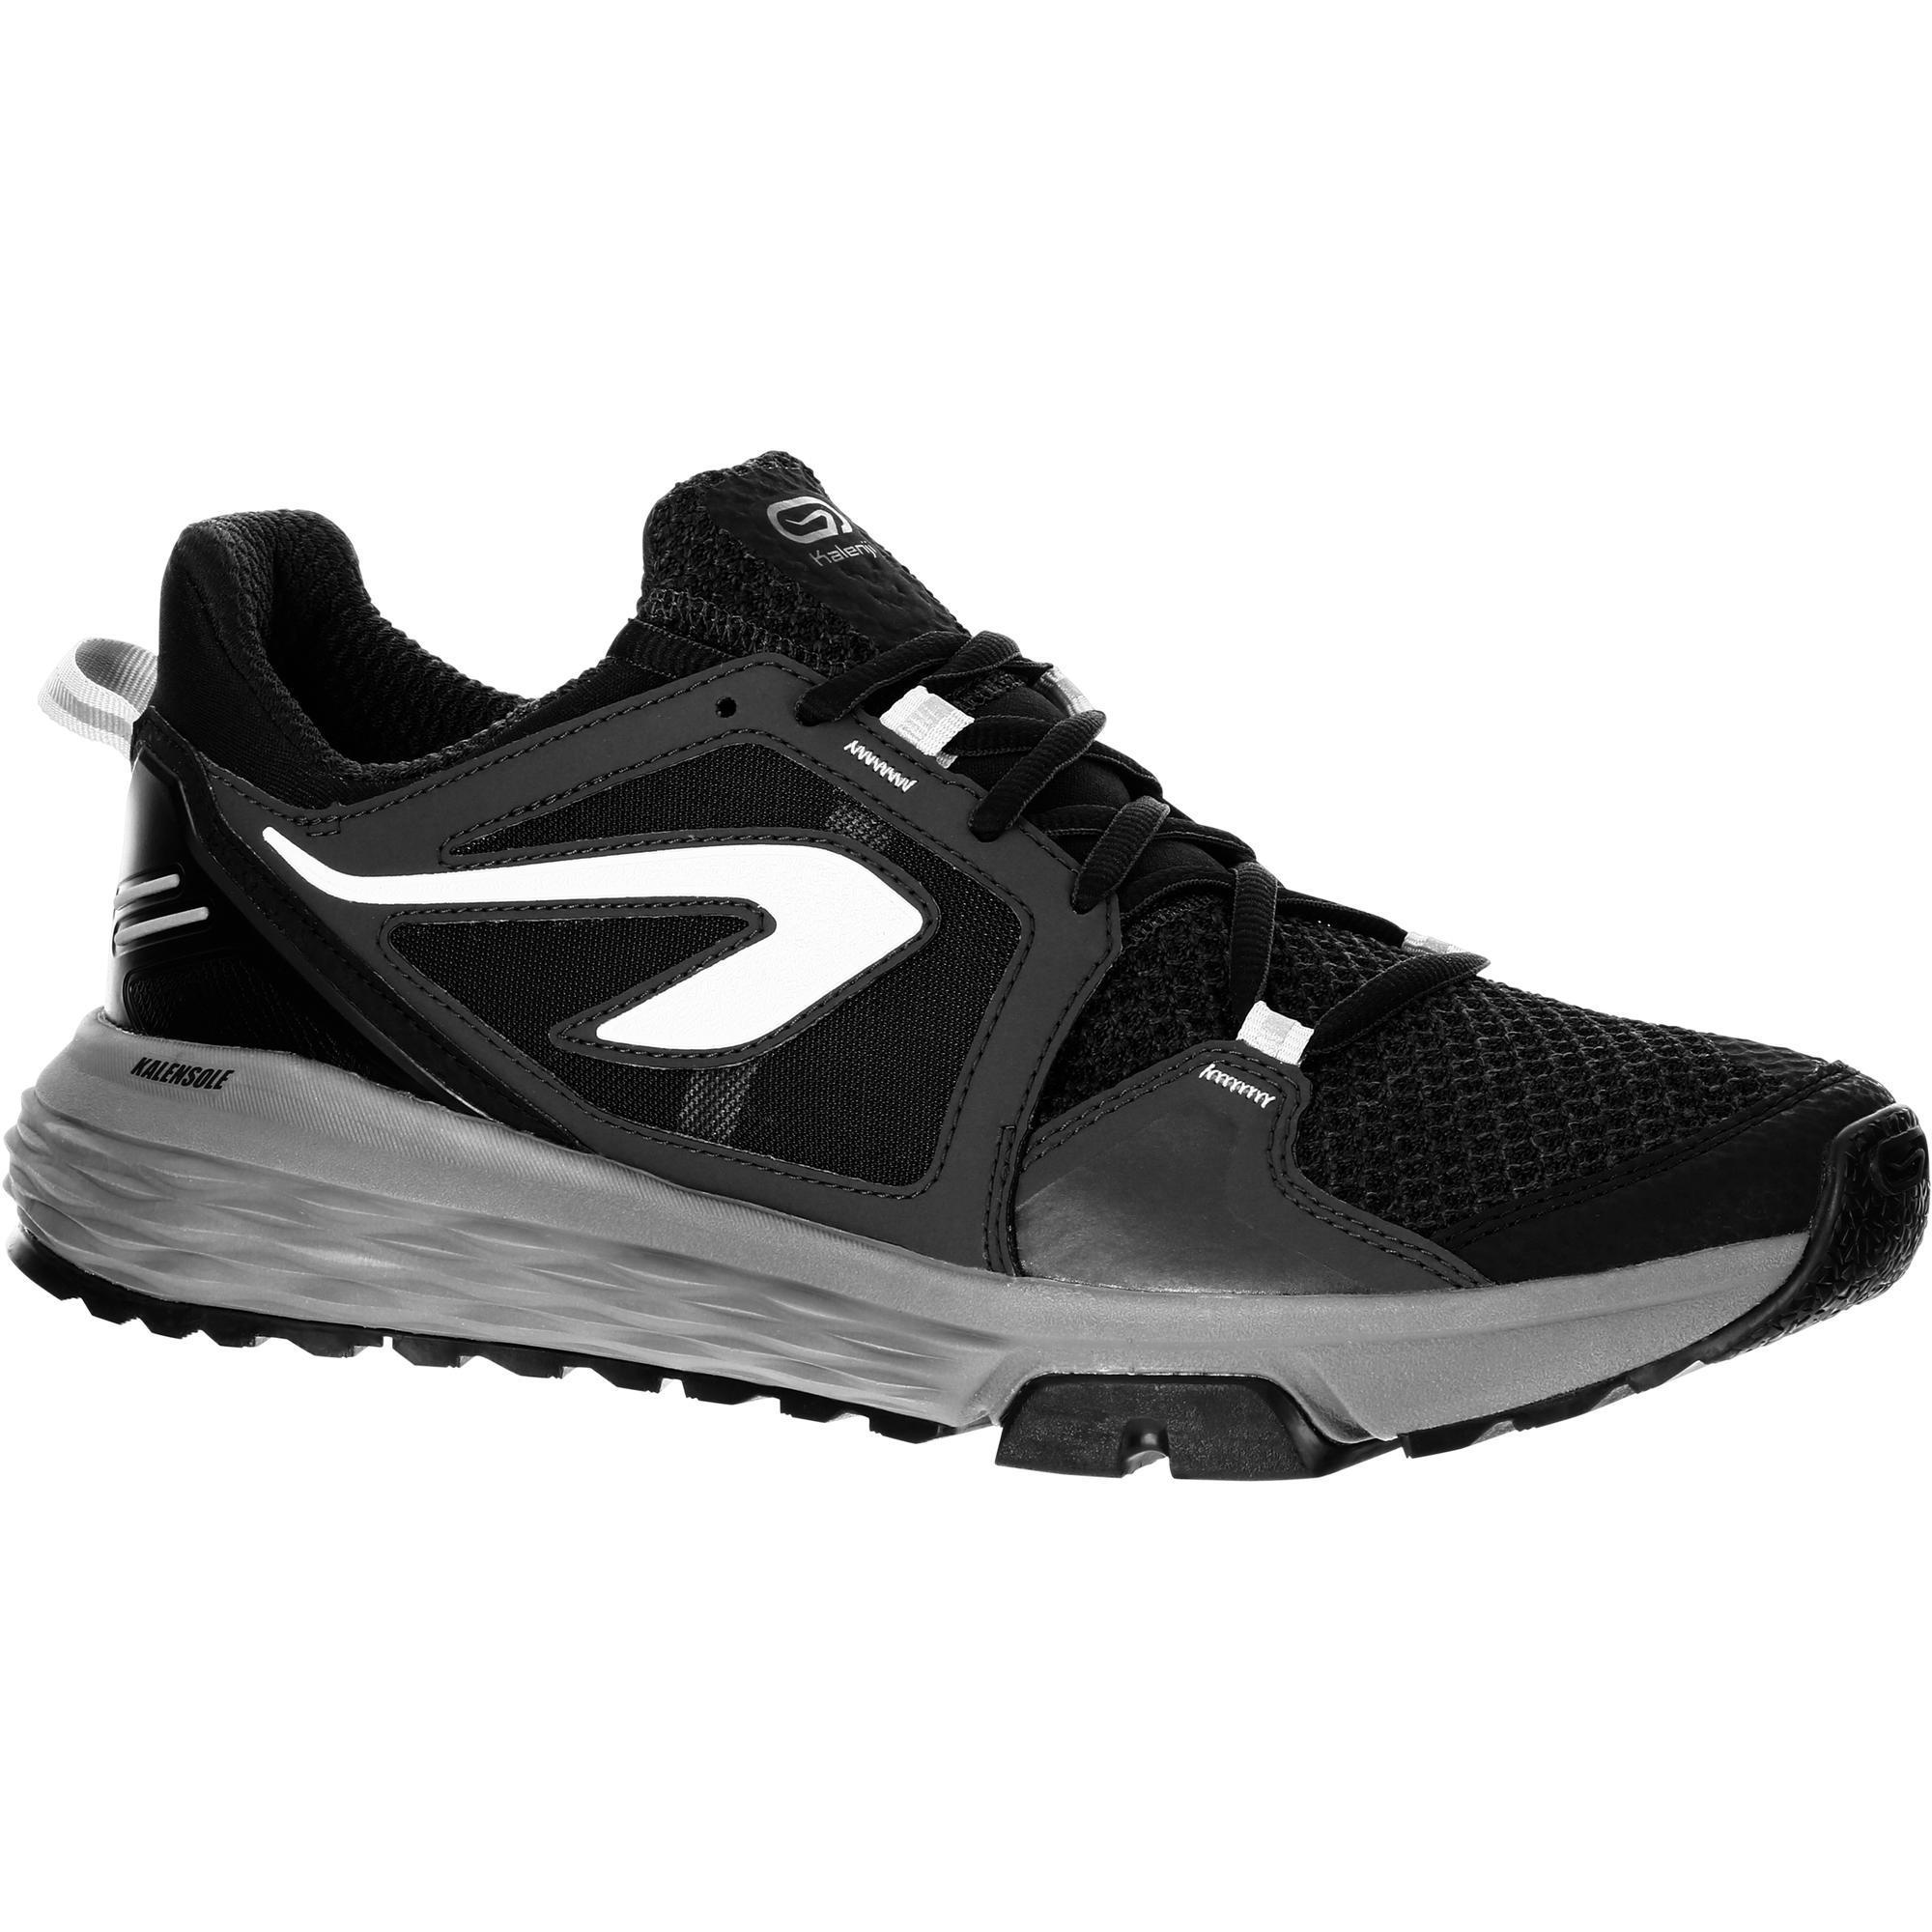 Kalenji Joggingschoenen voor heren Run Comfort Grip wit kopen